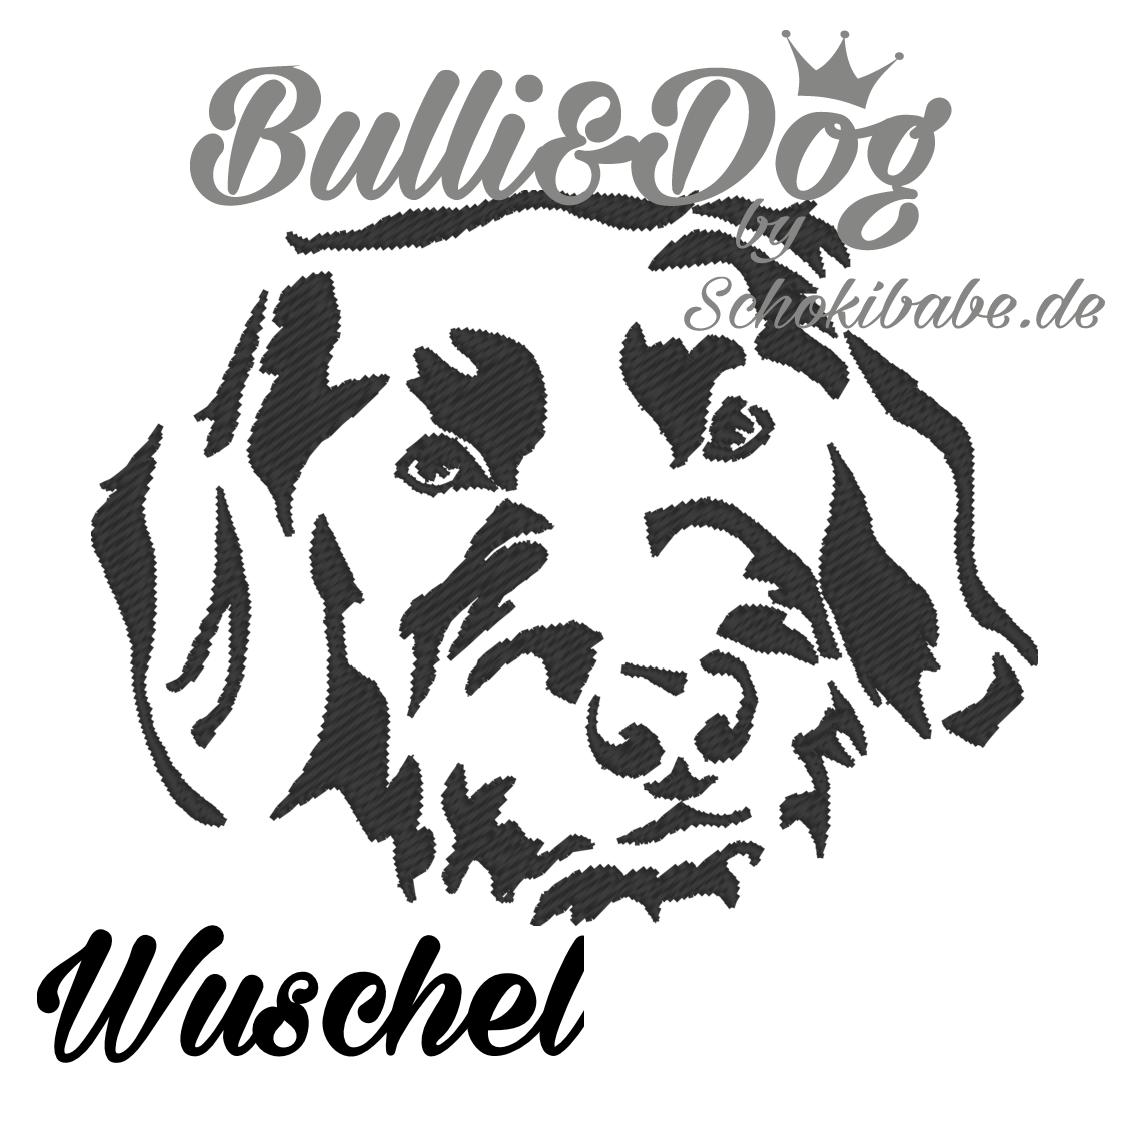 Wuschel_8x7_byB-D